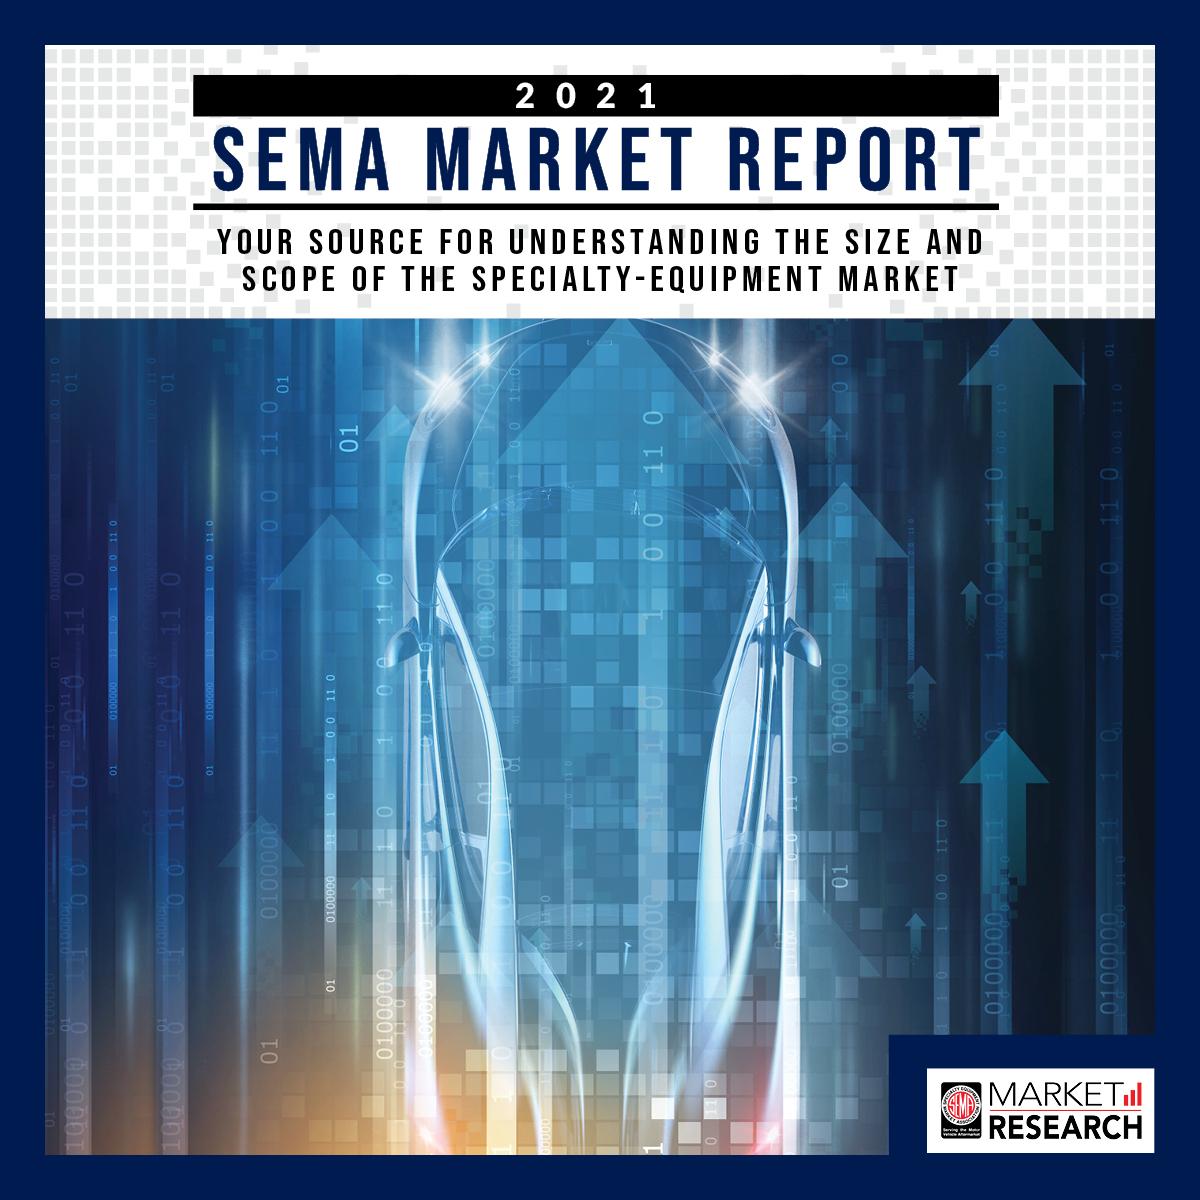 210714 2021 SEMA Market Report